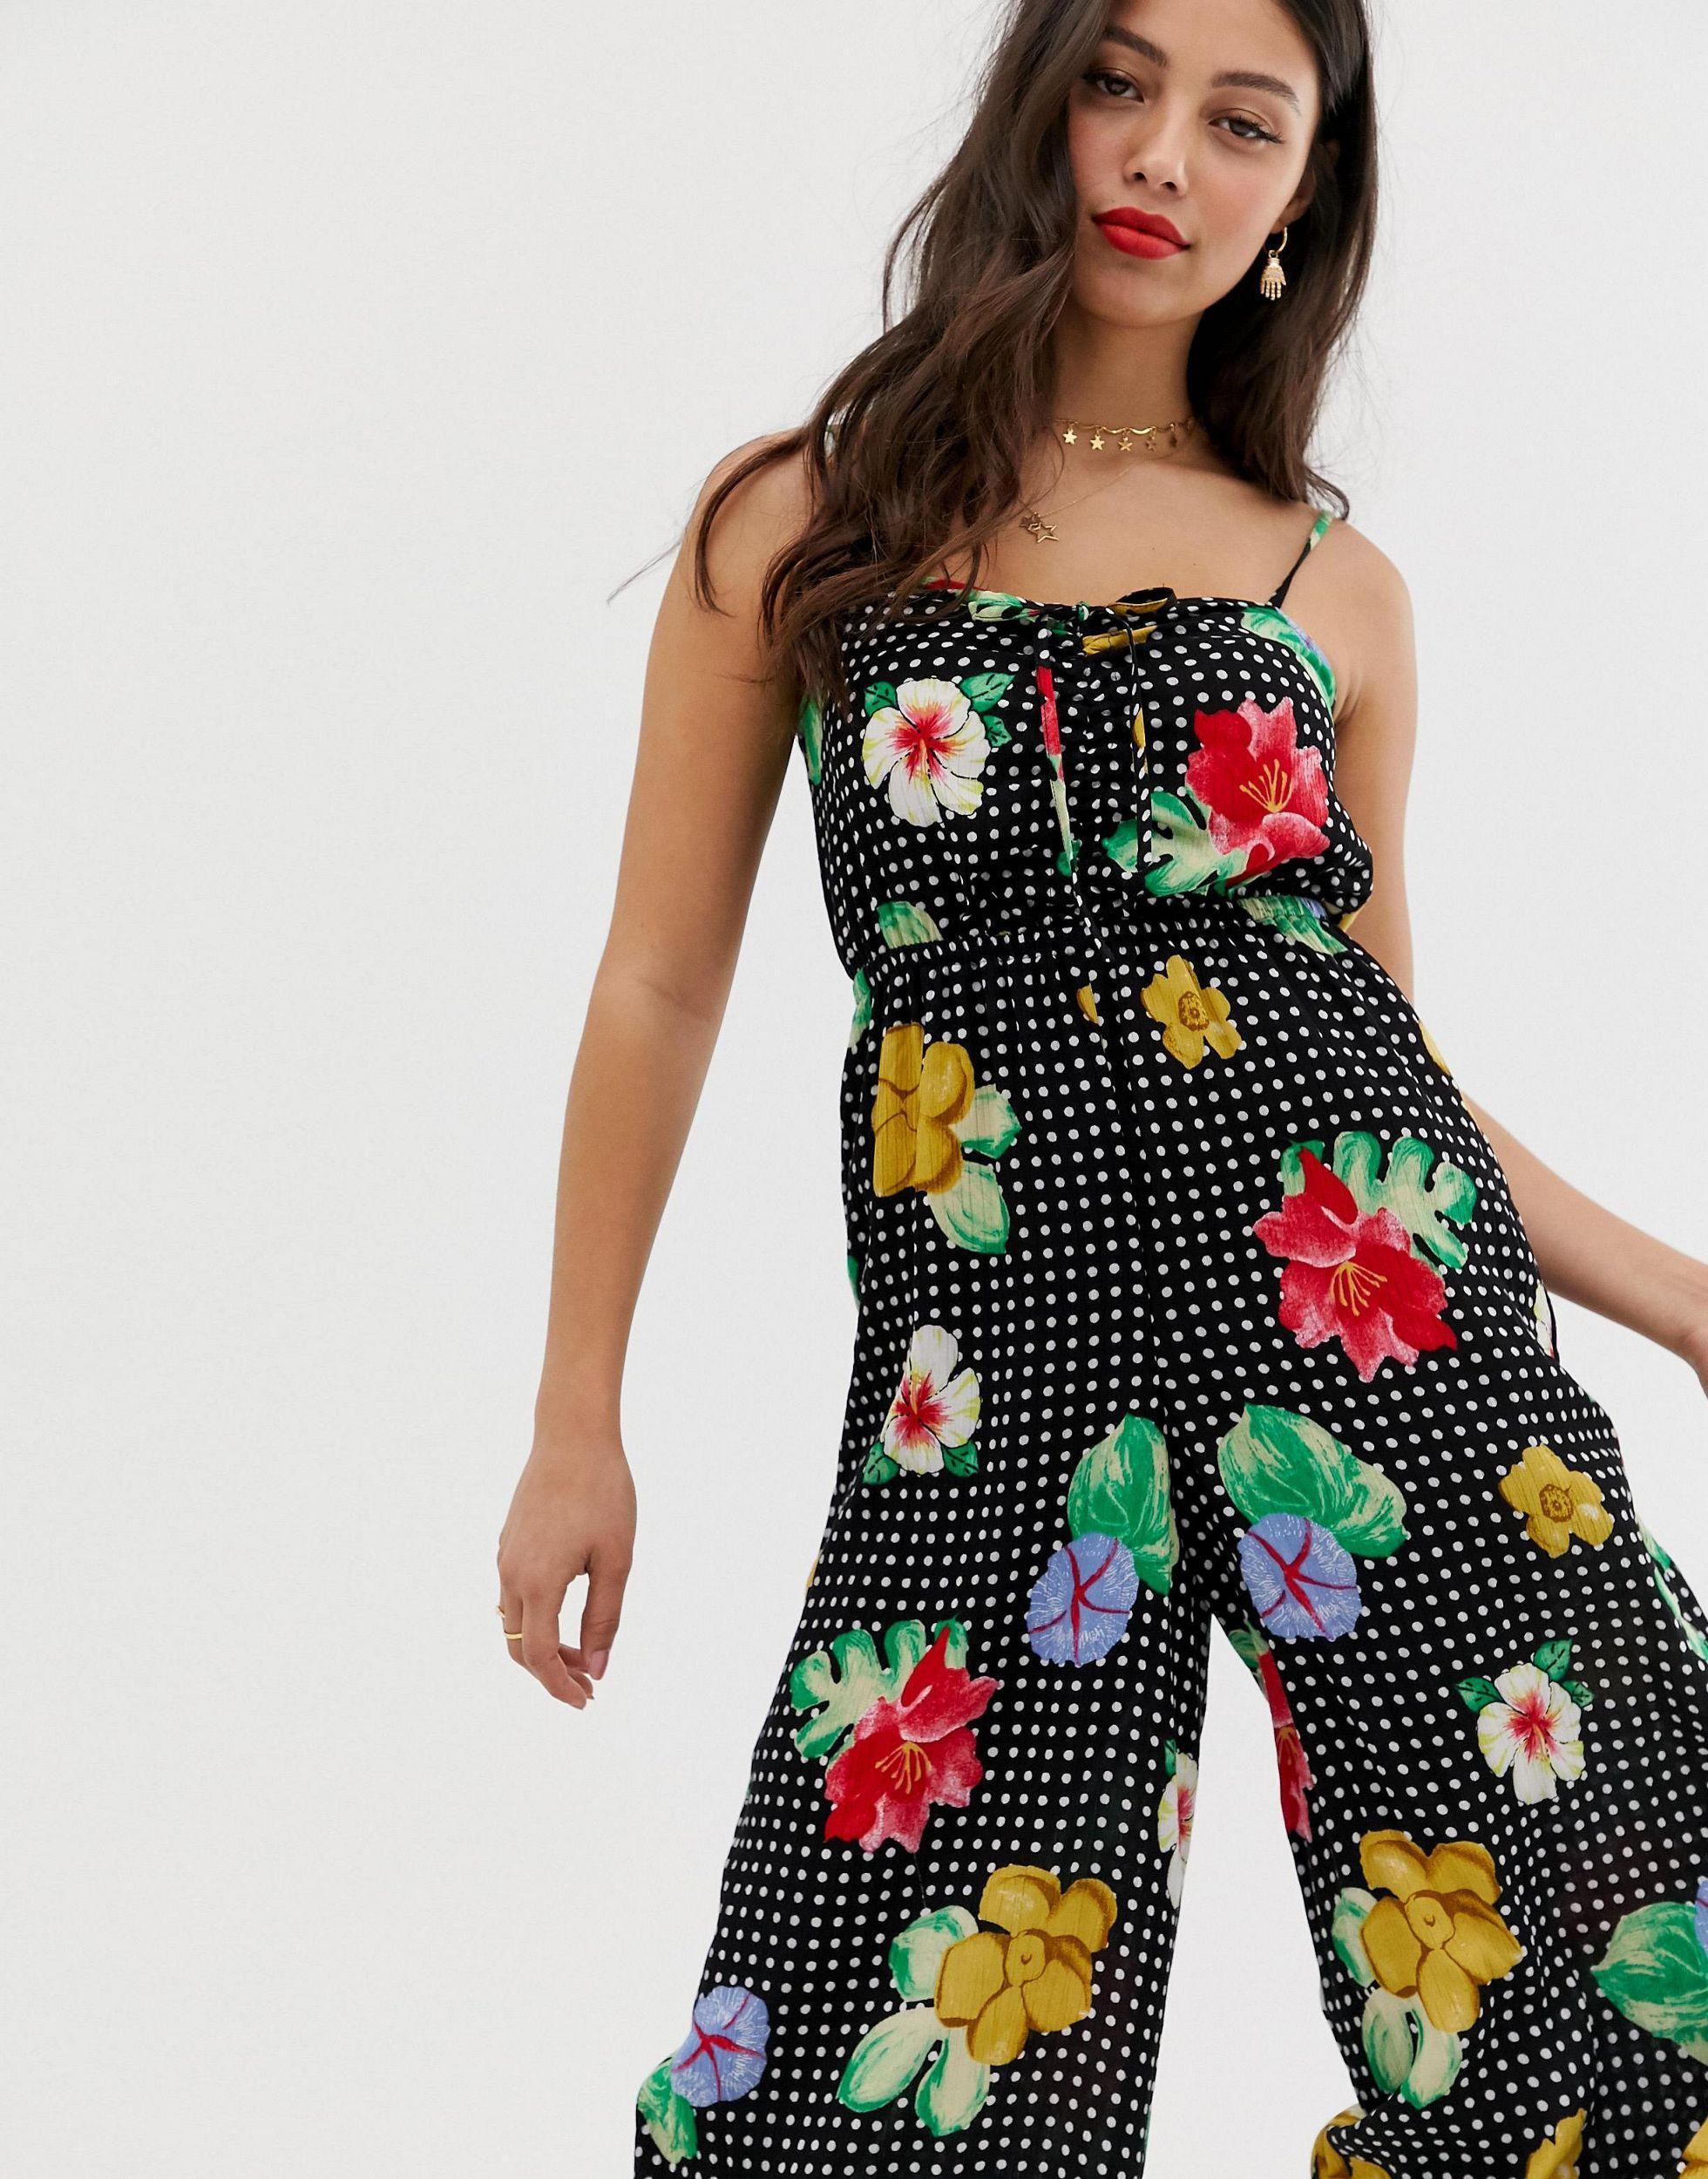 ASOS DESIGN Petite - Combinaison style caraco avec corsage froncé et imprimé floral Synthétique ASOS